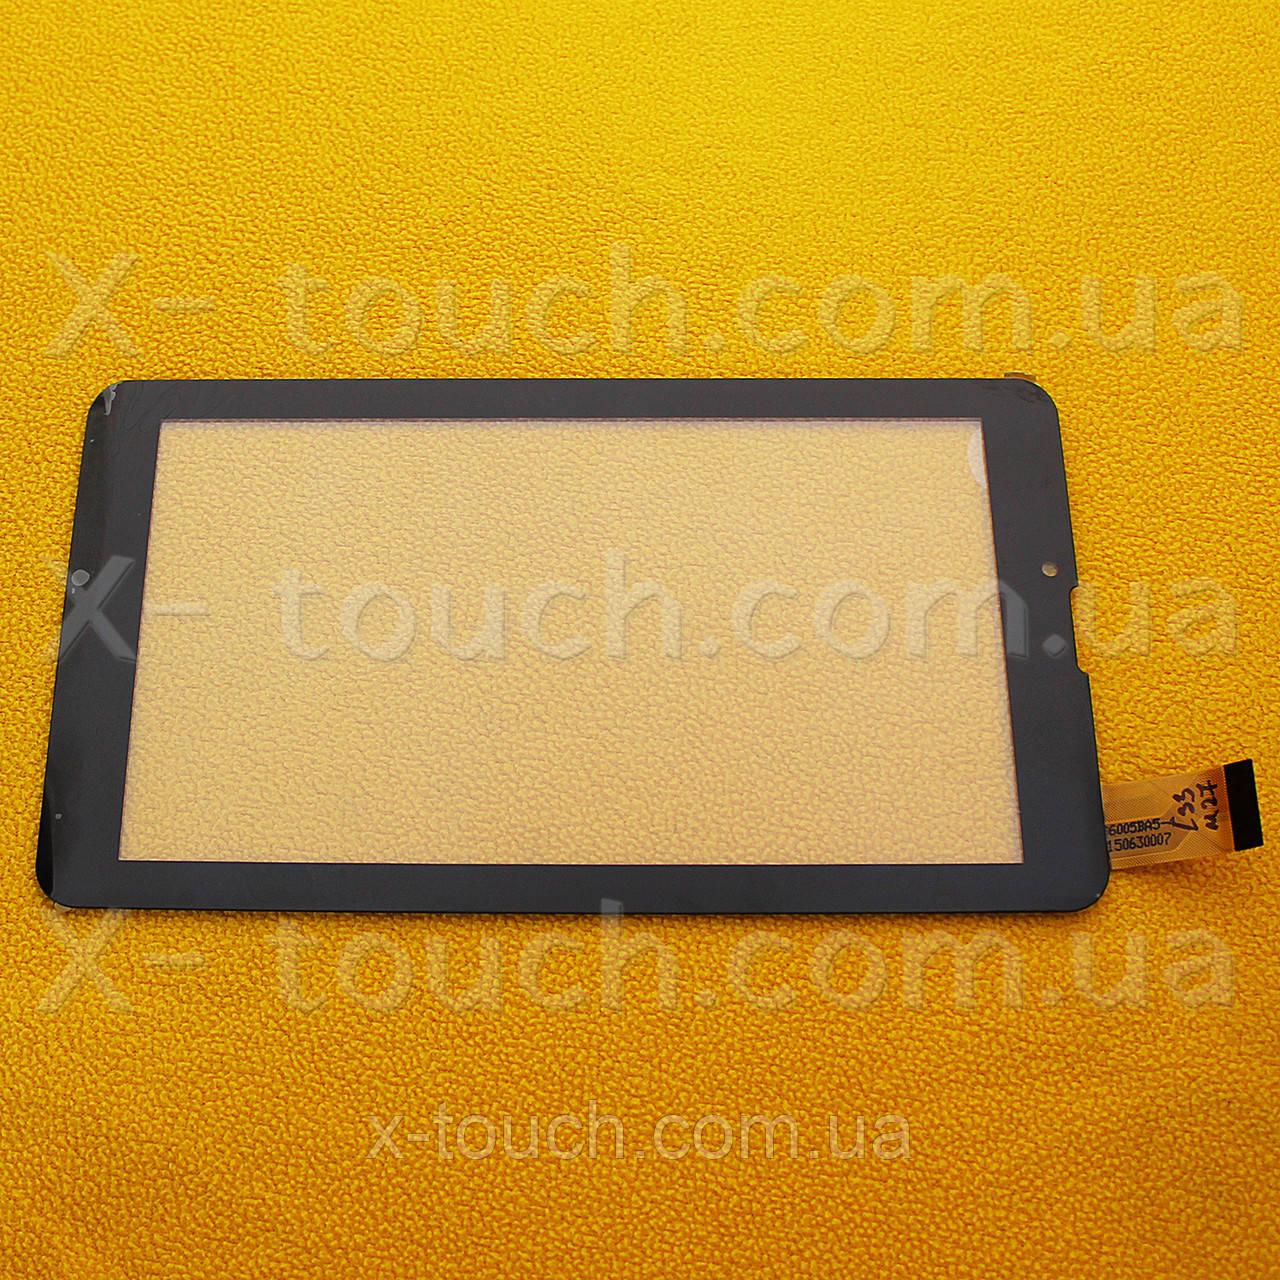 FPC-FC70S573(YLD)-00 cенсор, тачскрин 7,0 дюймов, цвет черный